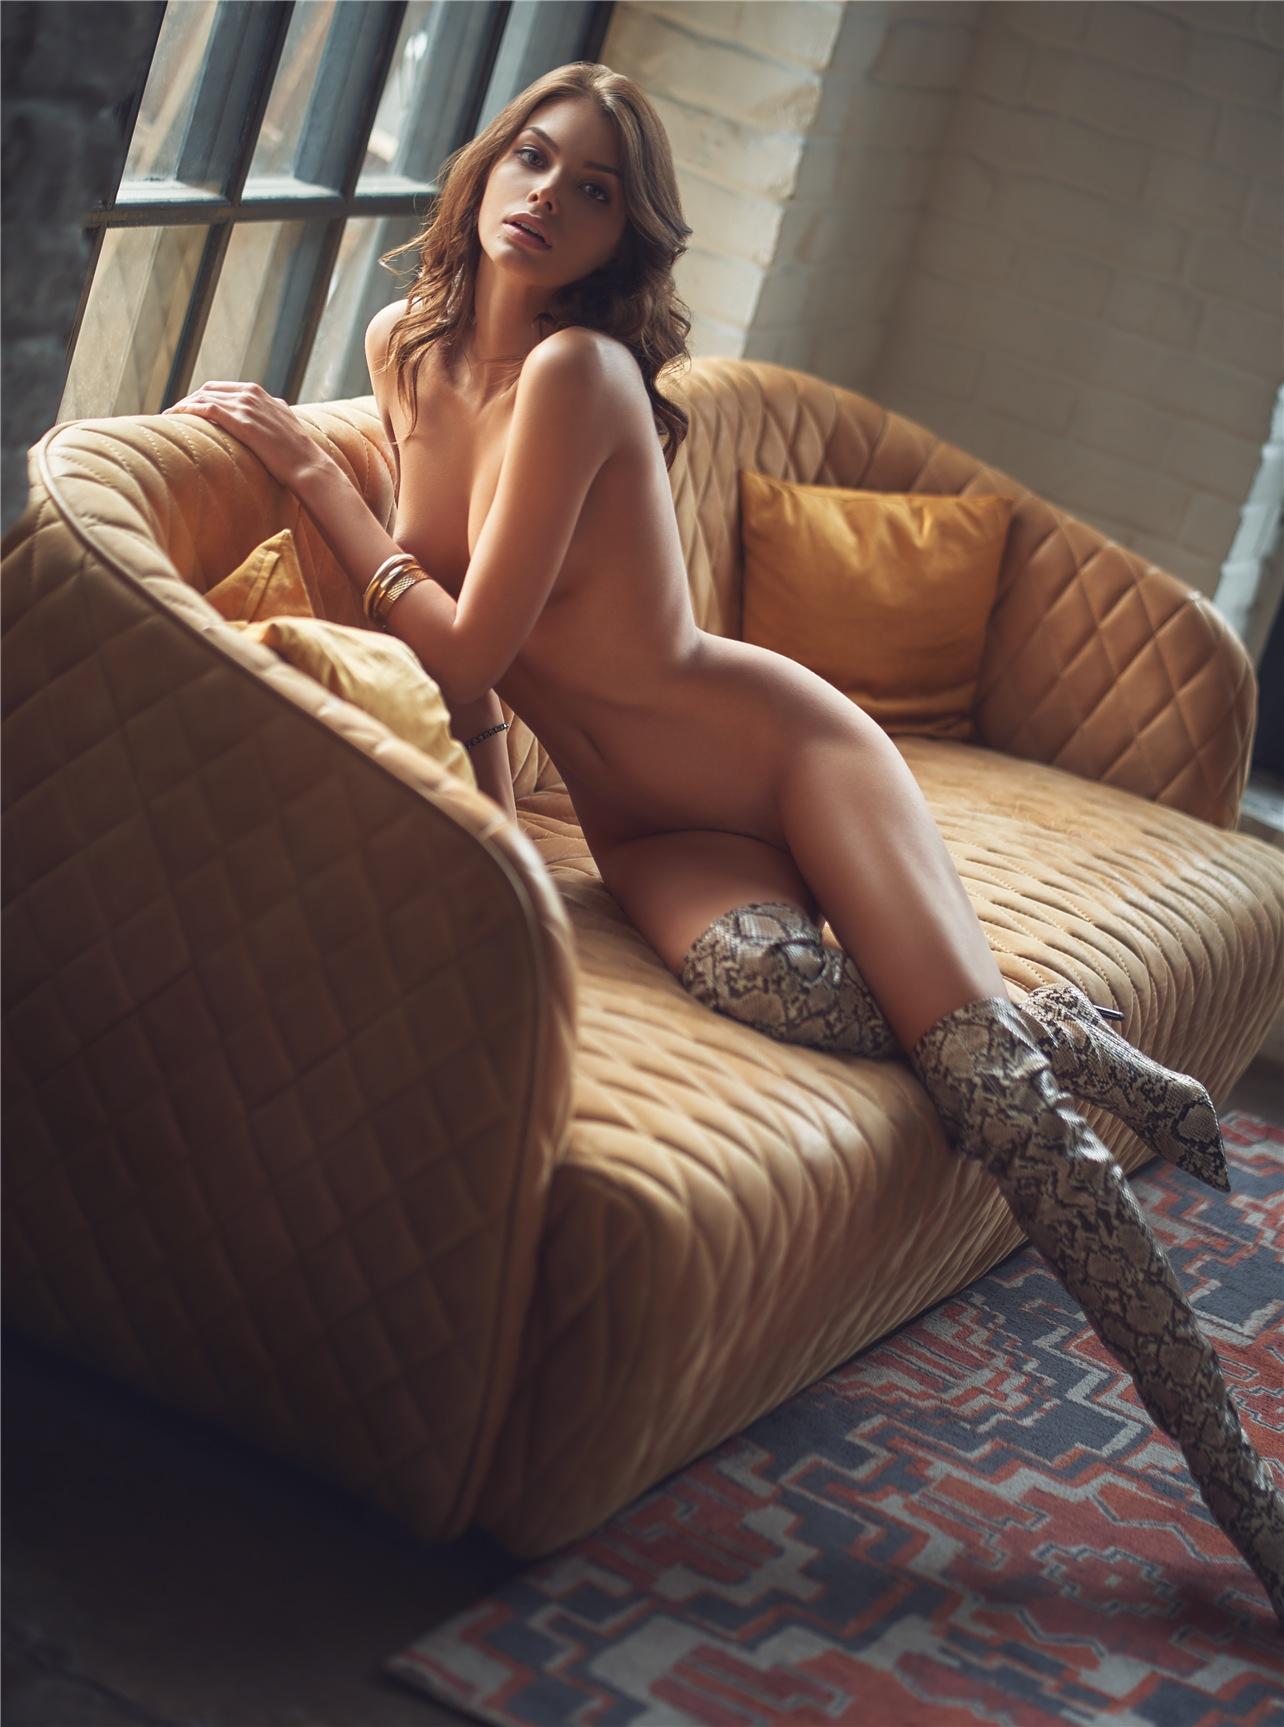 Девушка года Playboy Россия 2018 - Лидия Пономарева, фотограф Рома Петровски